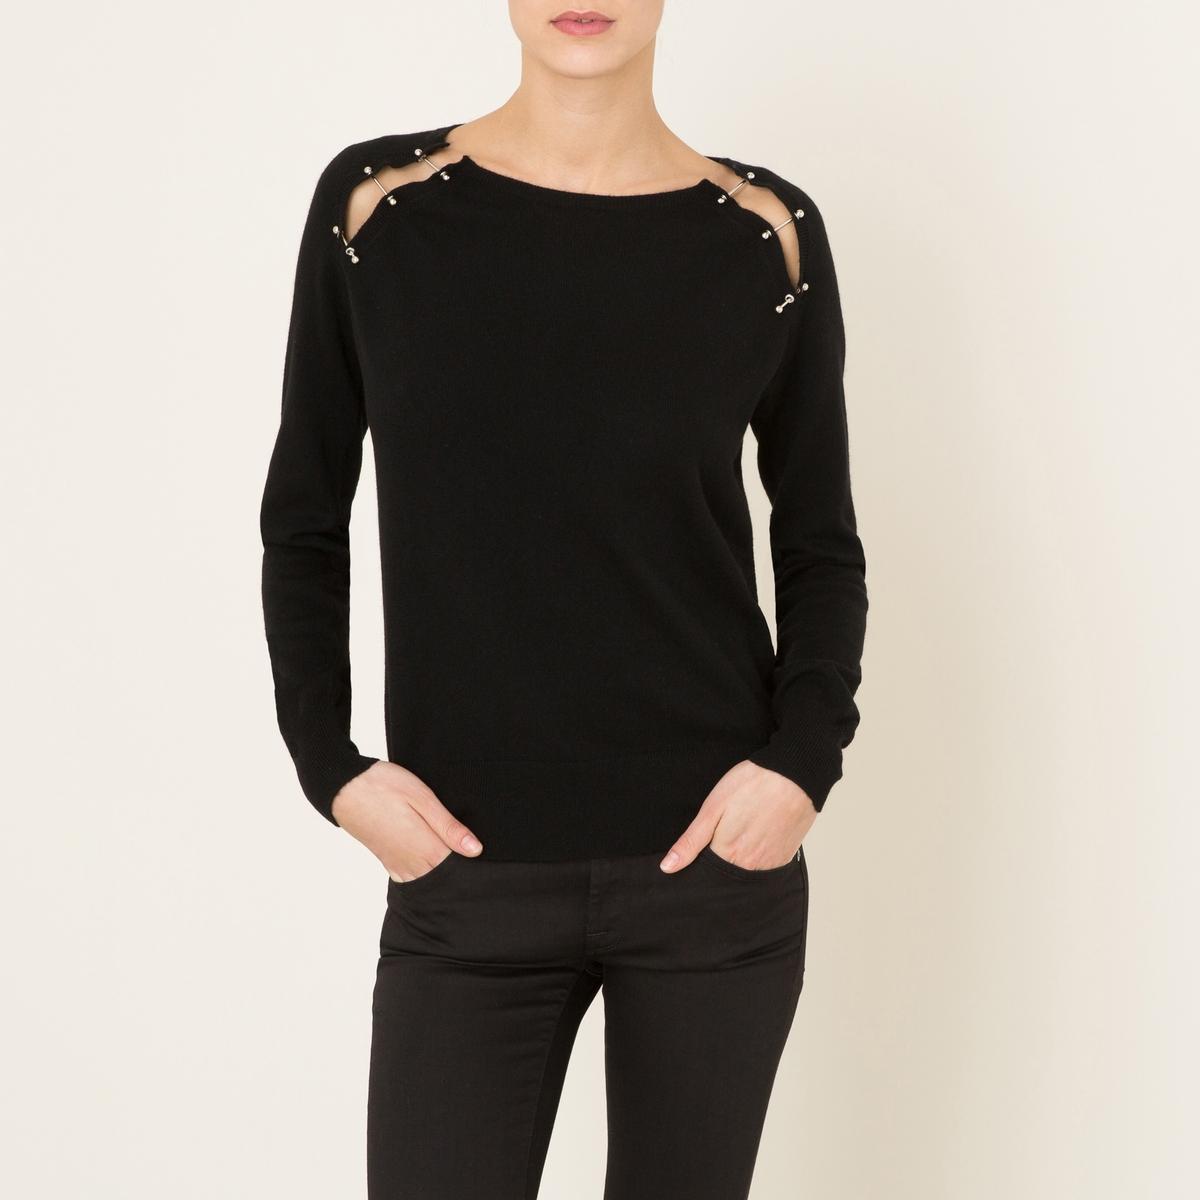 Пуловер из шерстиСостав и описание          Материал : 90% шерсти, 10% кашемира         Марка : THE KOOPLES<br><br>Цвет: черный